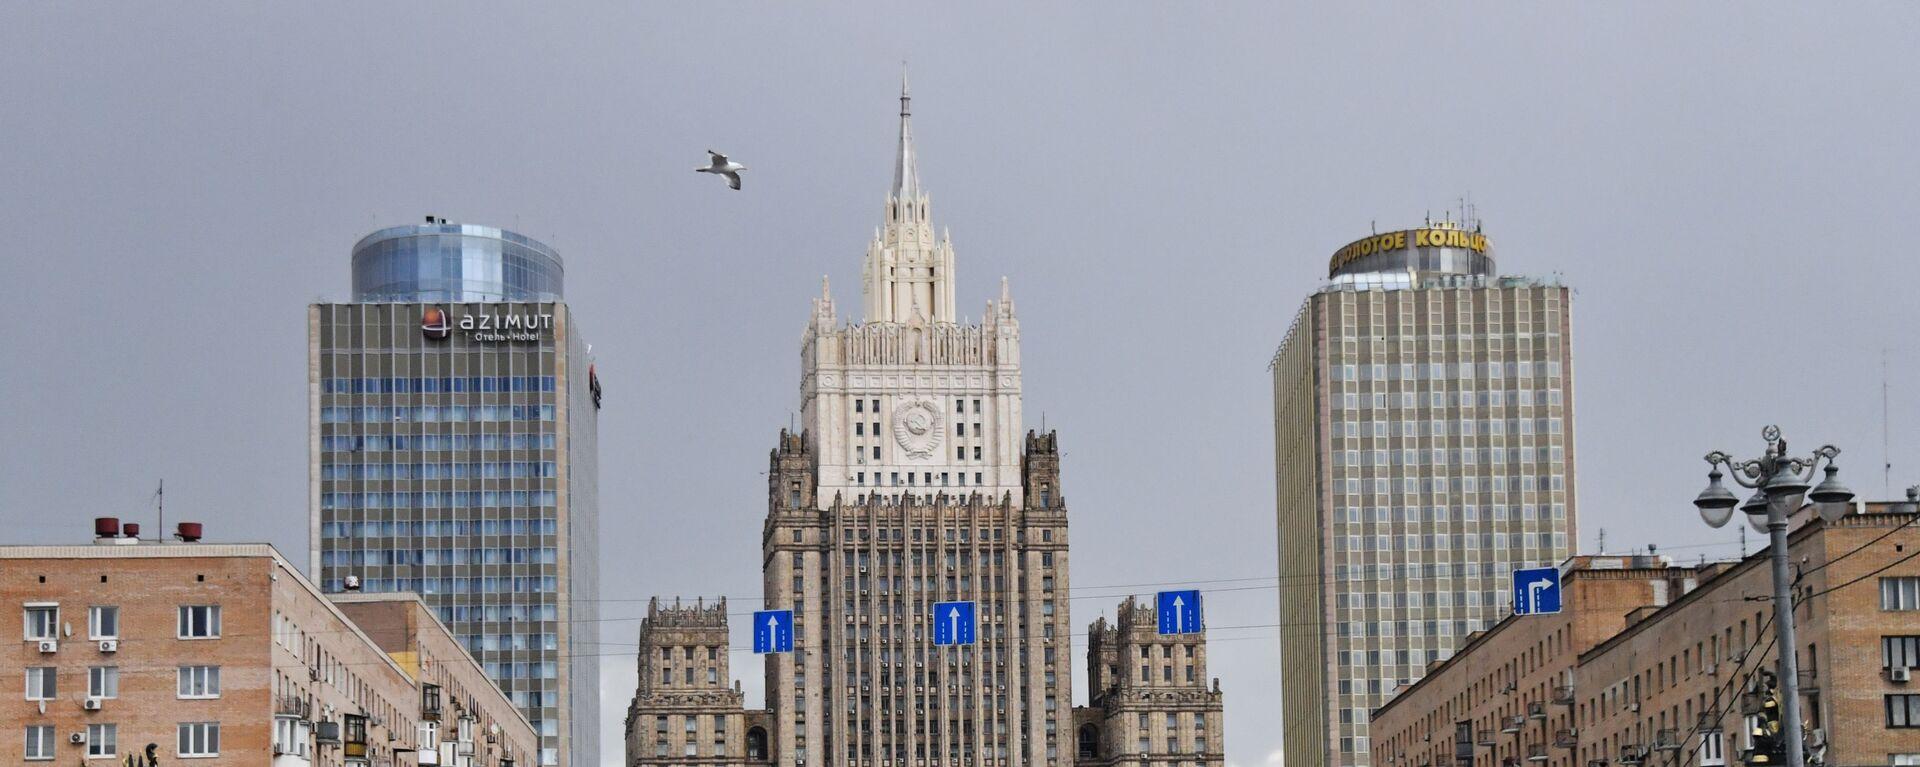 Здание Министерства иностранных дел РФ (в центре), фото из архива - Sputnik Азербайджан, 1920, 05.04.2021